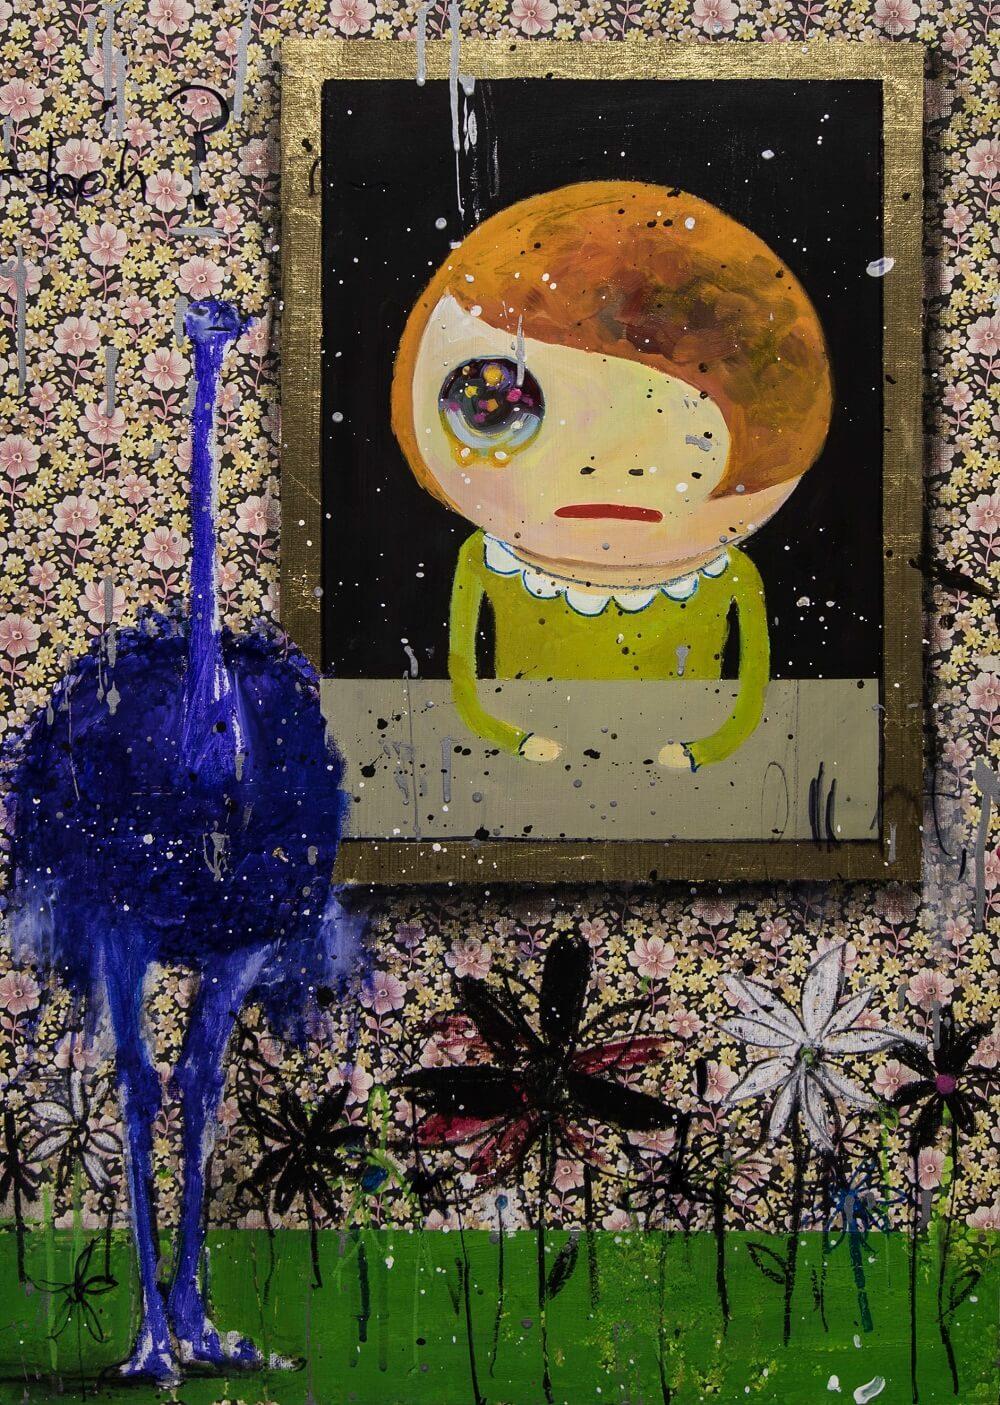 angelo accardi paintings languid-eyes-70x50-2-1